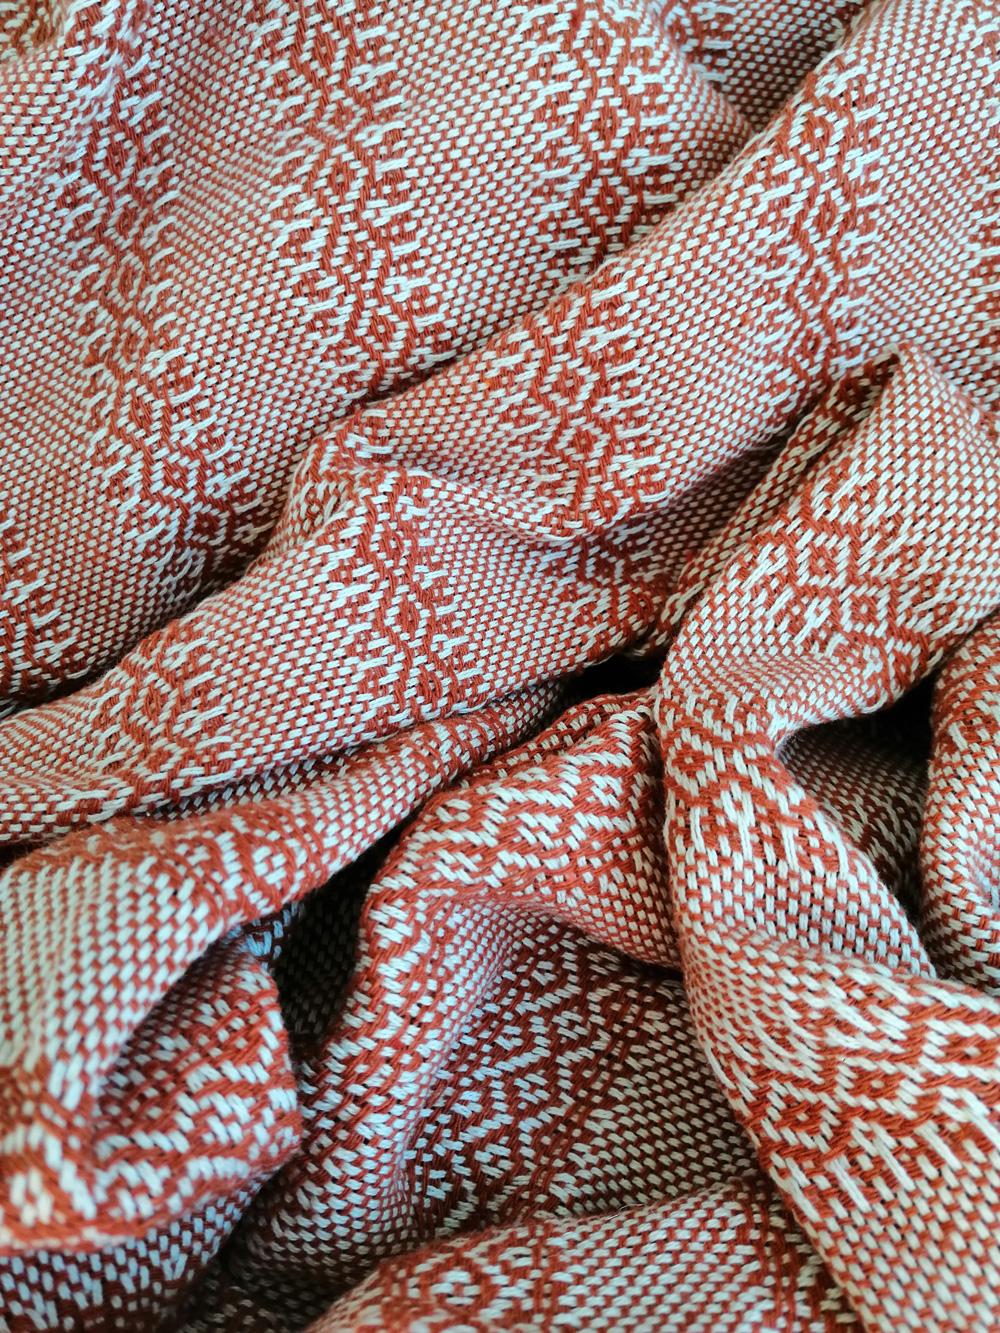 Rebozo Torklæde Emma Orche Vikle og Rebozo massage pic.1